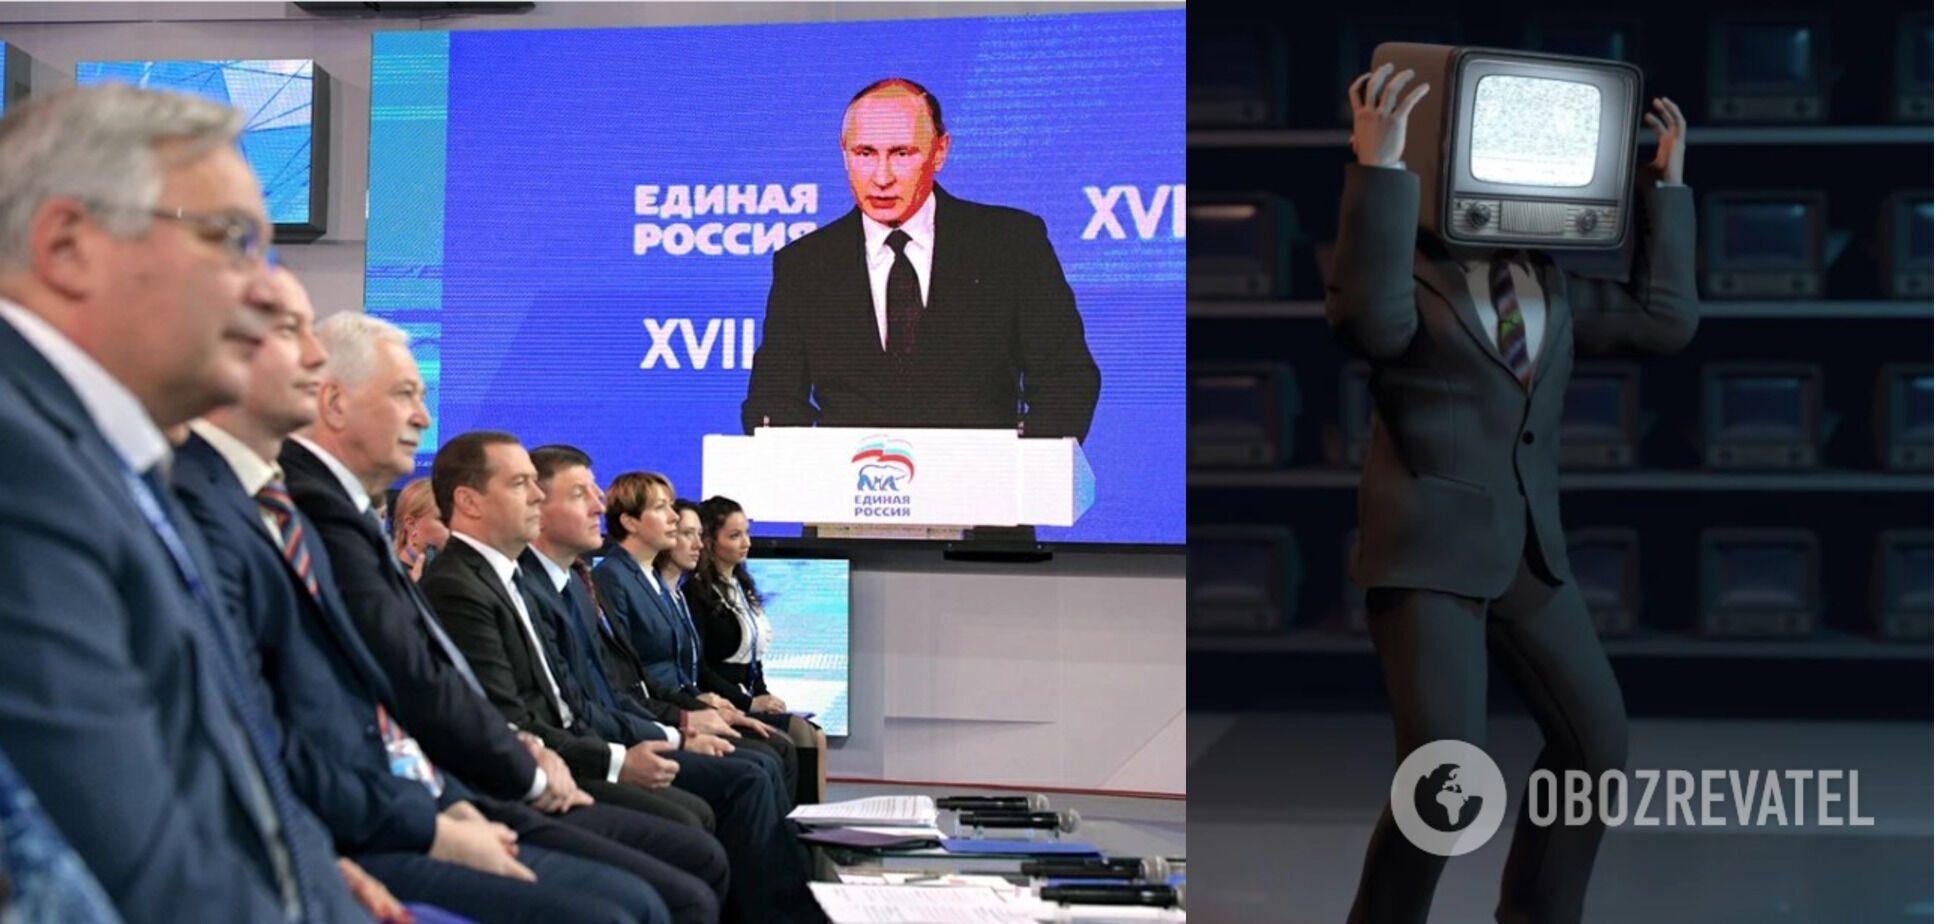 Глашатаи повода: Россия готовит кровавые провокации на Донбассе?